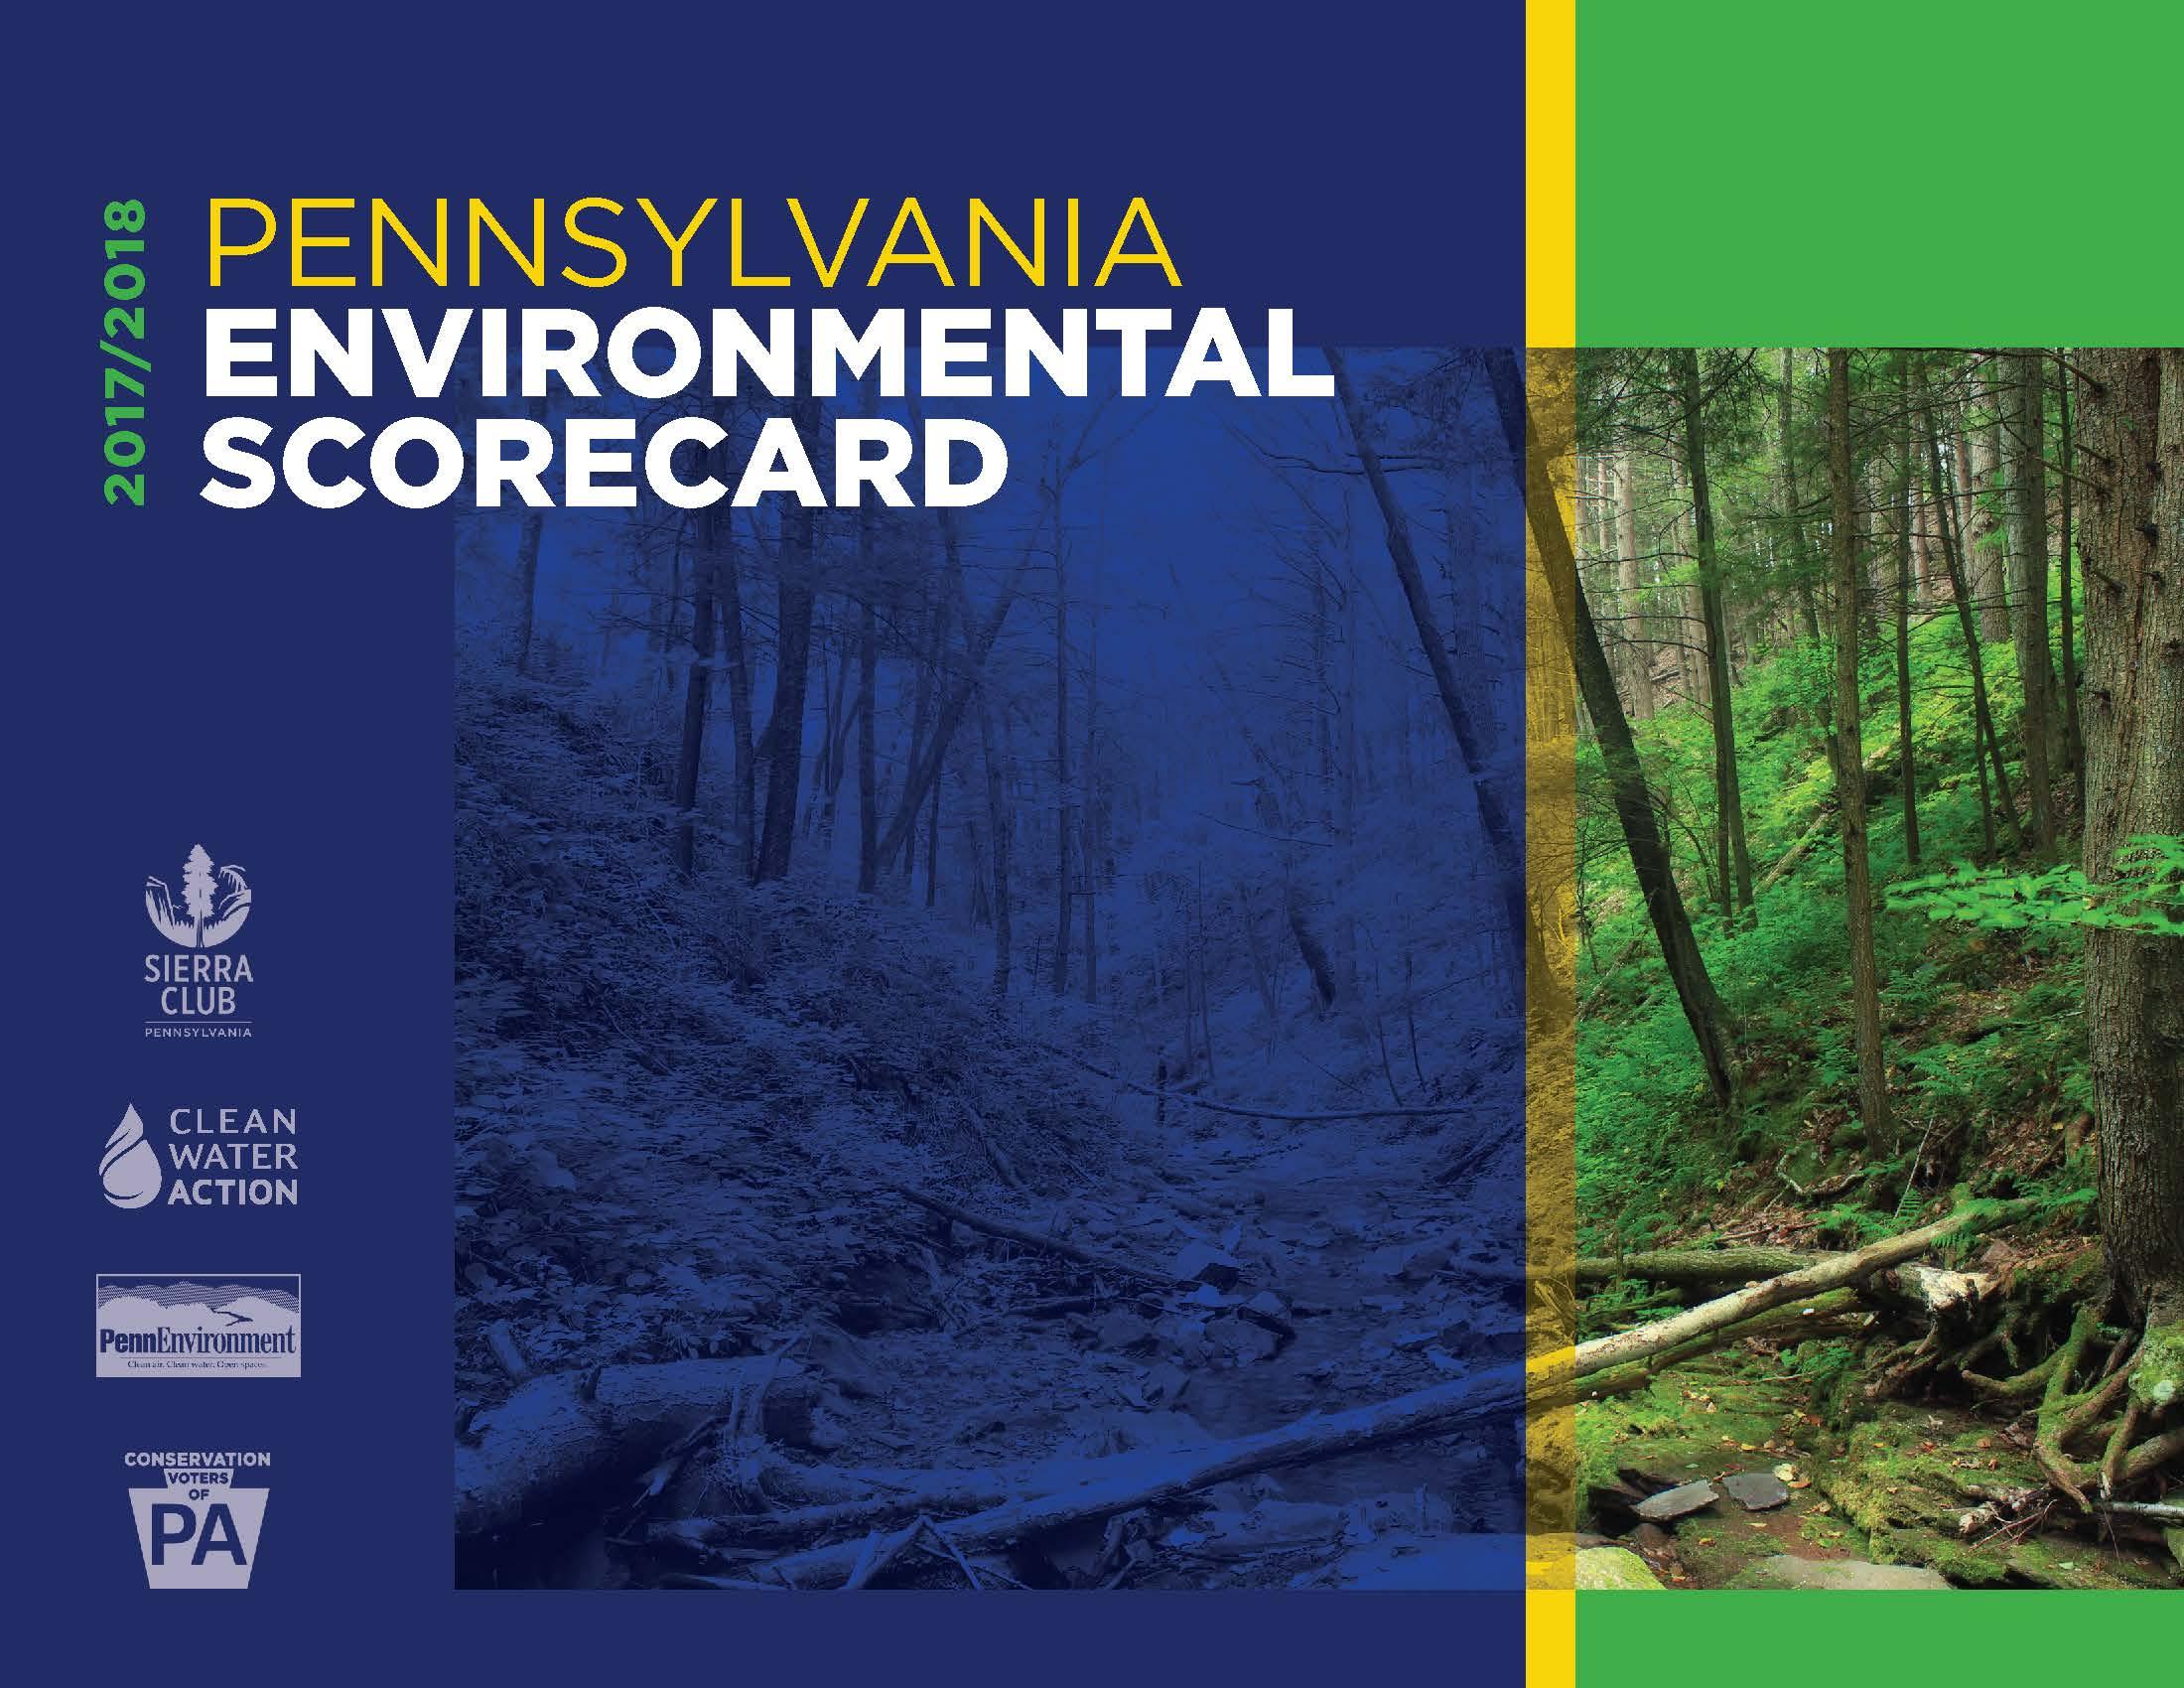 2017/2018 Pennsylvania Environmental Scorecard